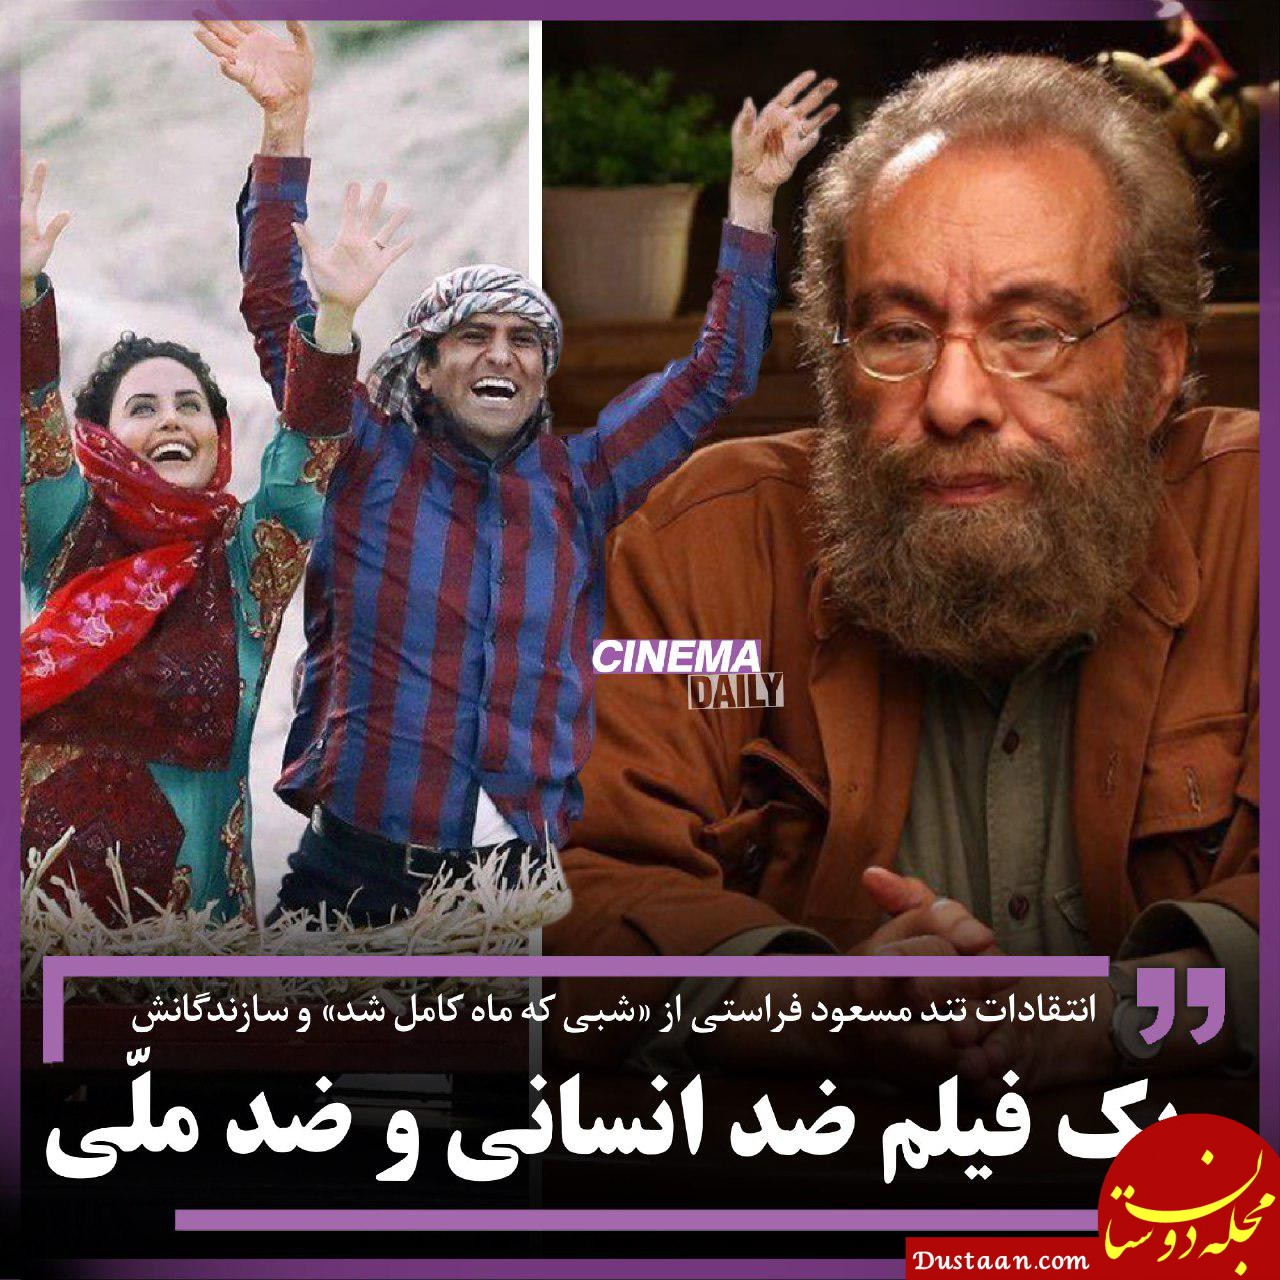 انتقادات تند مسعود فراستی از شبی که ماه کامل شد / این فیلم در دفاع از ریگی است!